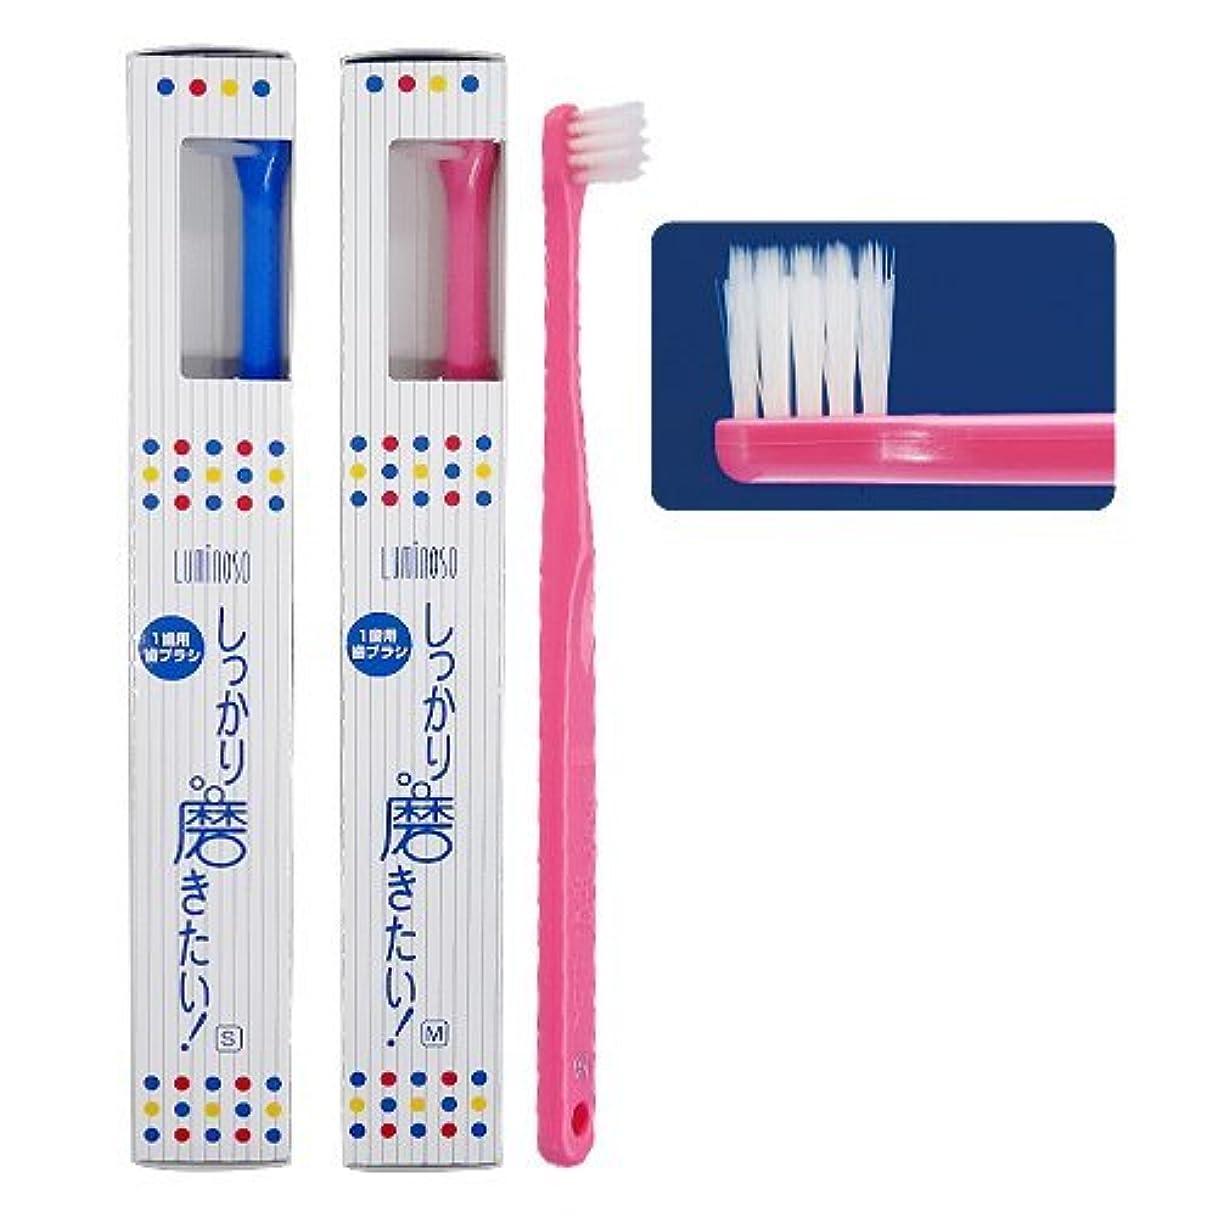 ファシズム腐敗ゆるいルミノソ 1歯用歯ブラシ「しっかり磨きたい!」スタンダード ソフト (カラー指定不可) 3本